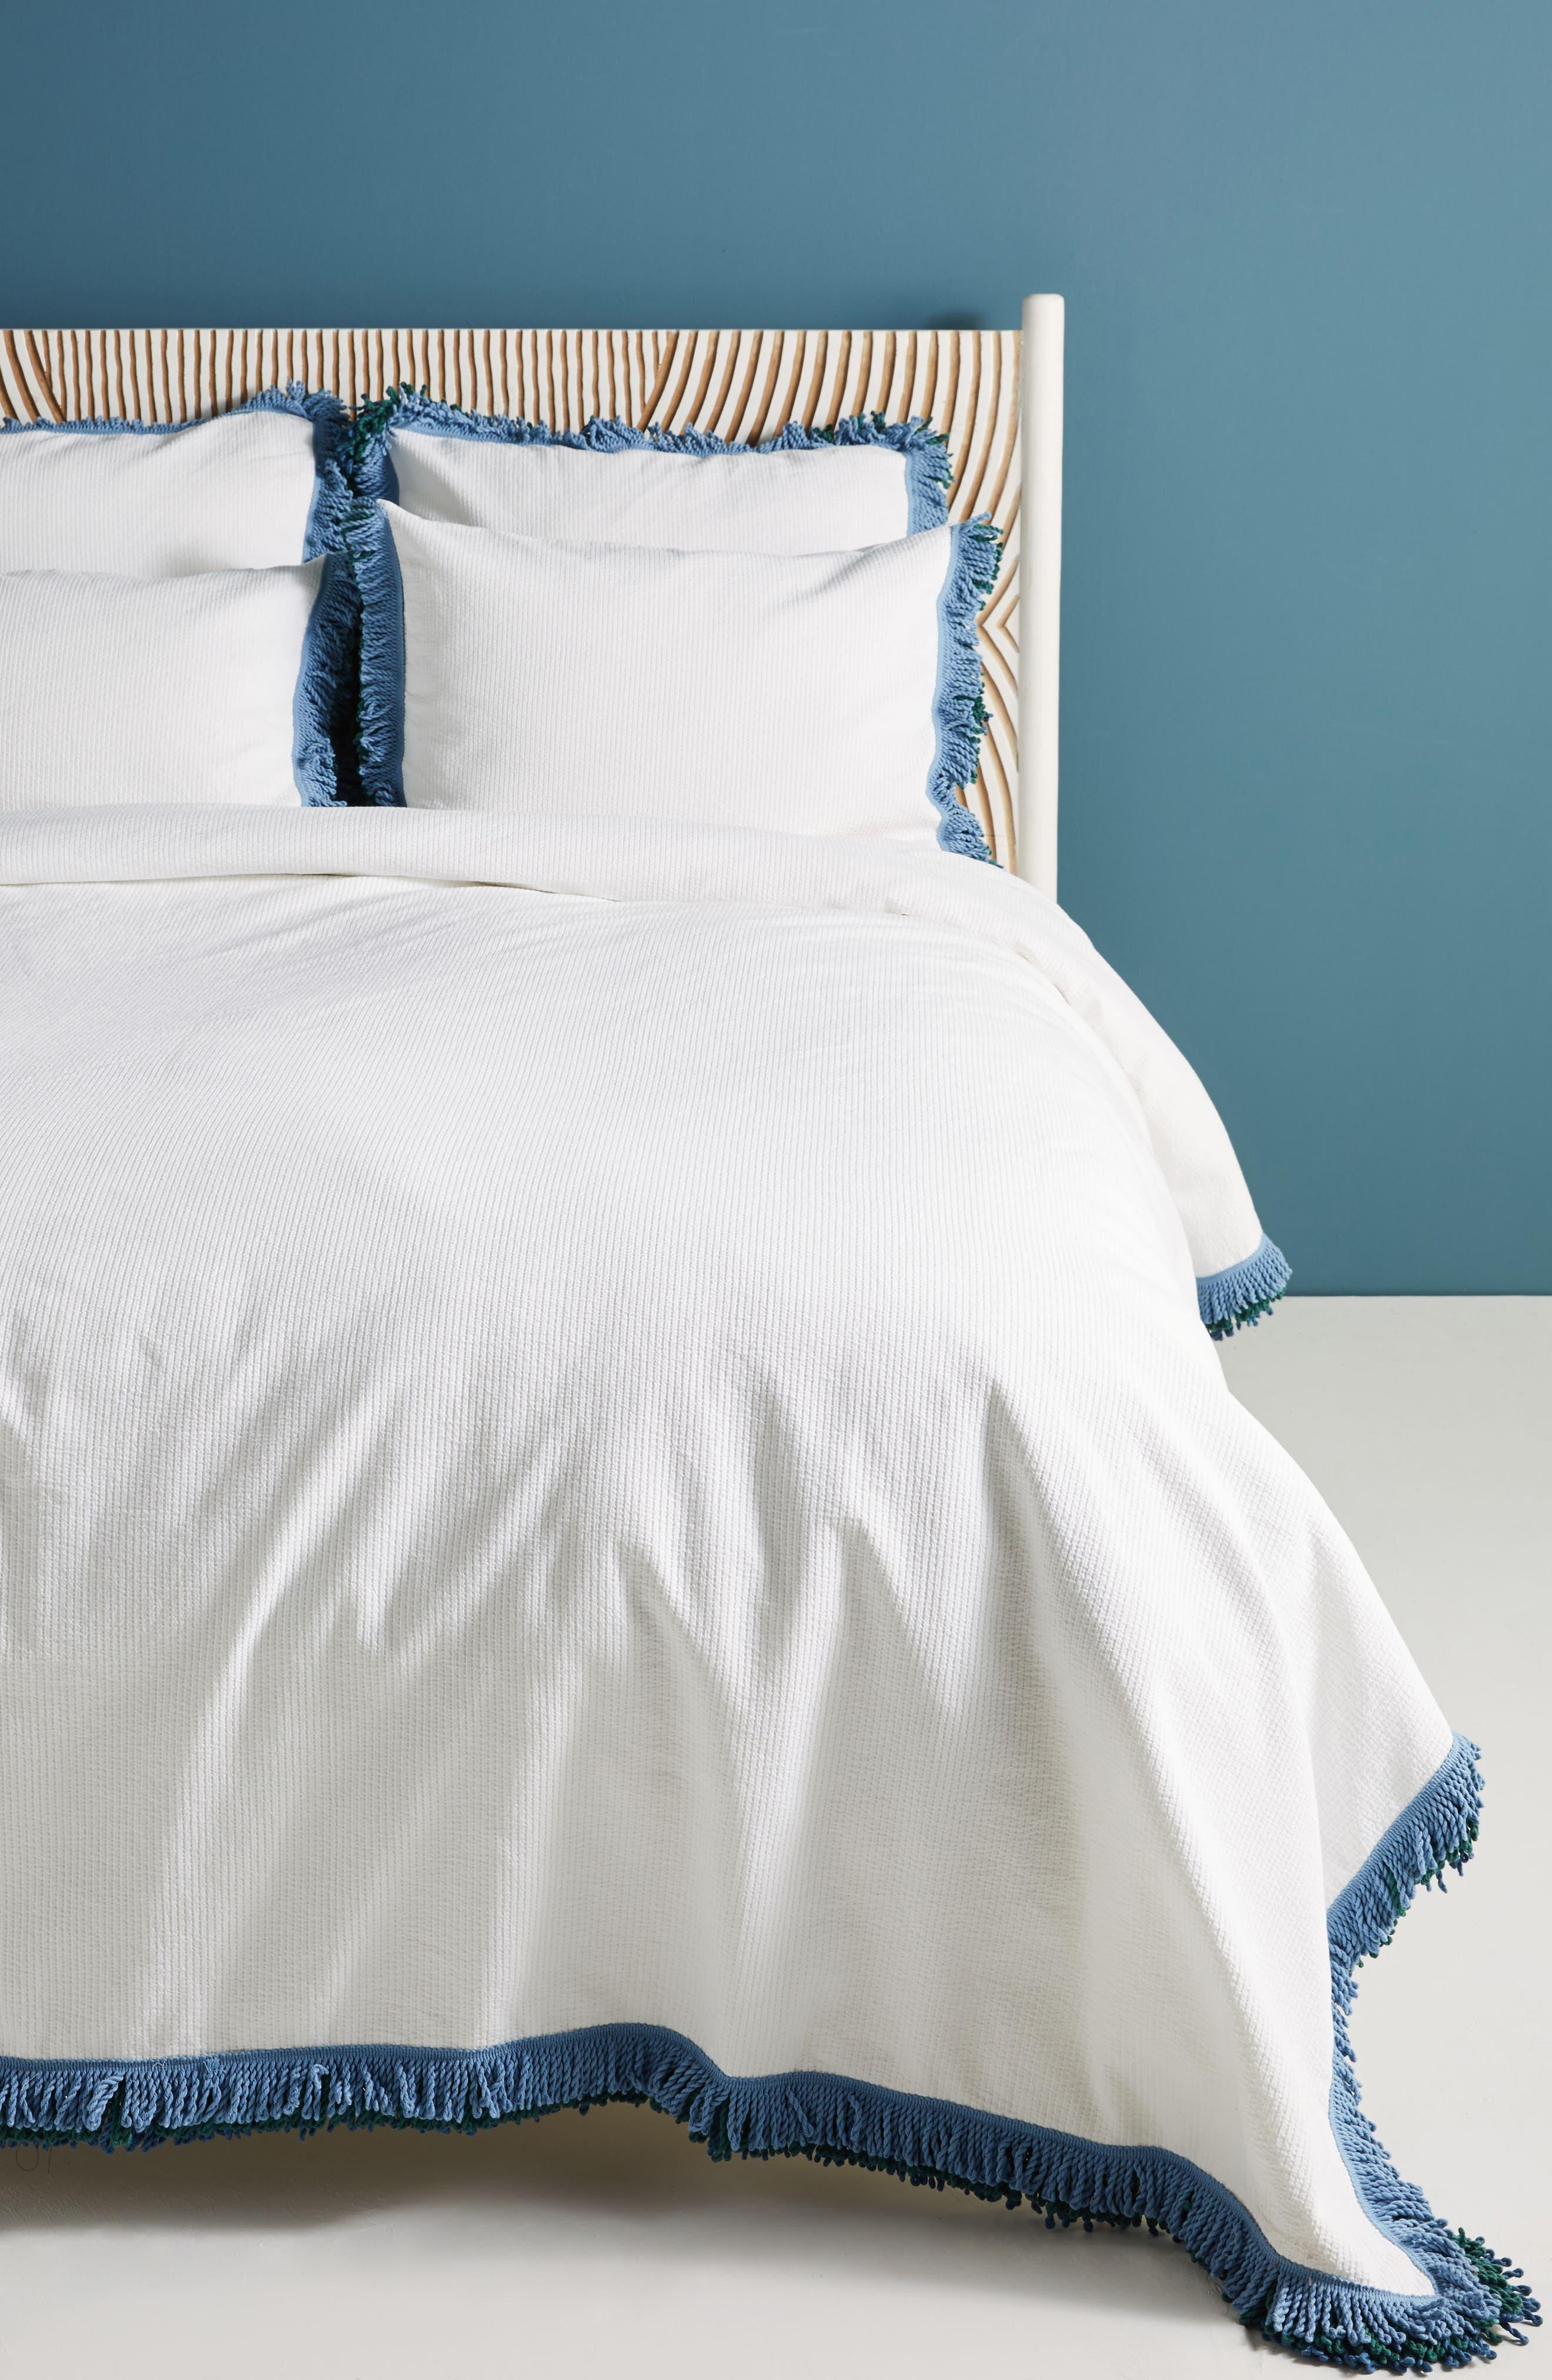 Layered Fringe Duvet Cover,                         Main,                         color, White